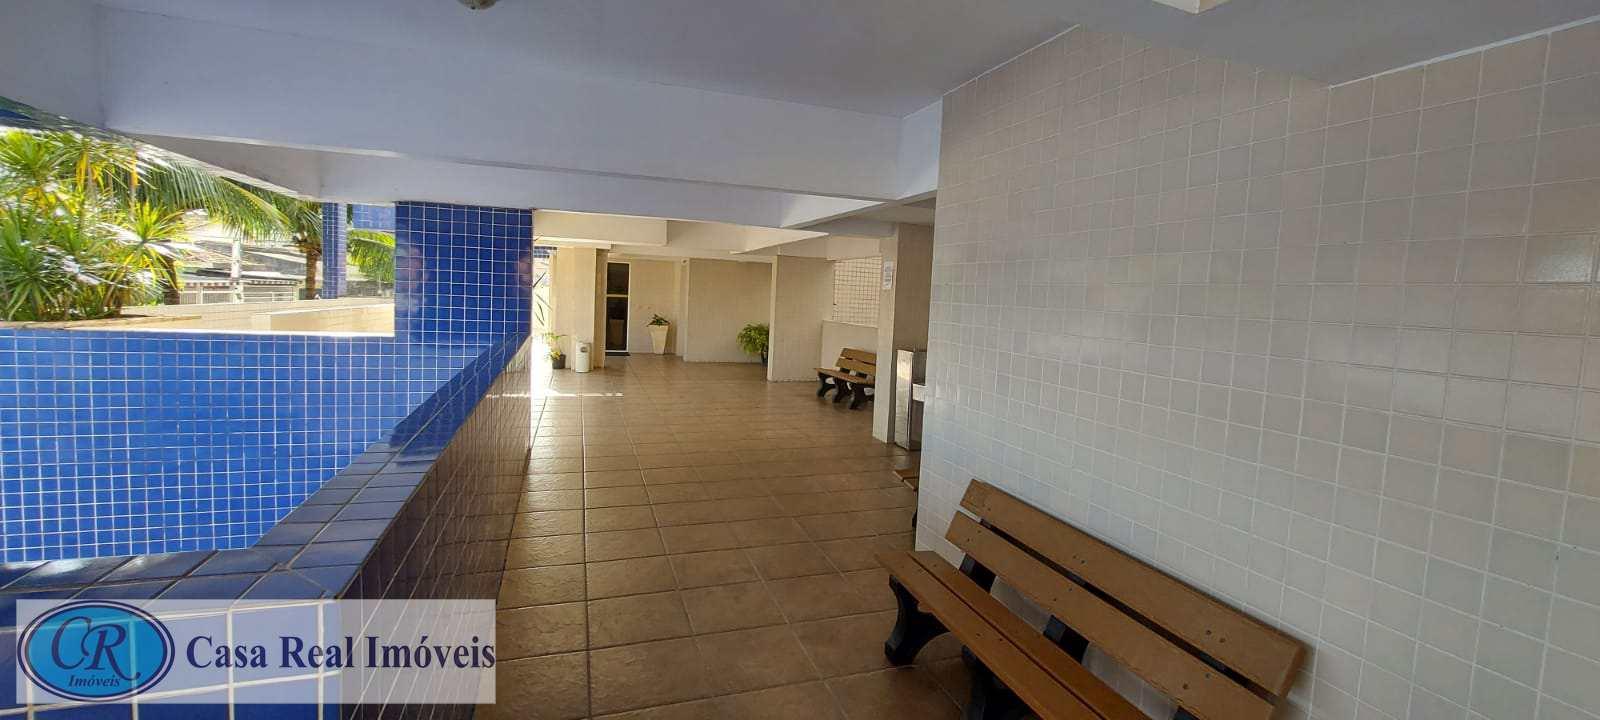 Apartamento com 1 dorm, Aviação, Praia Grande - R$ 150 mil, Cod: 771